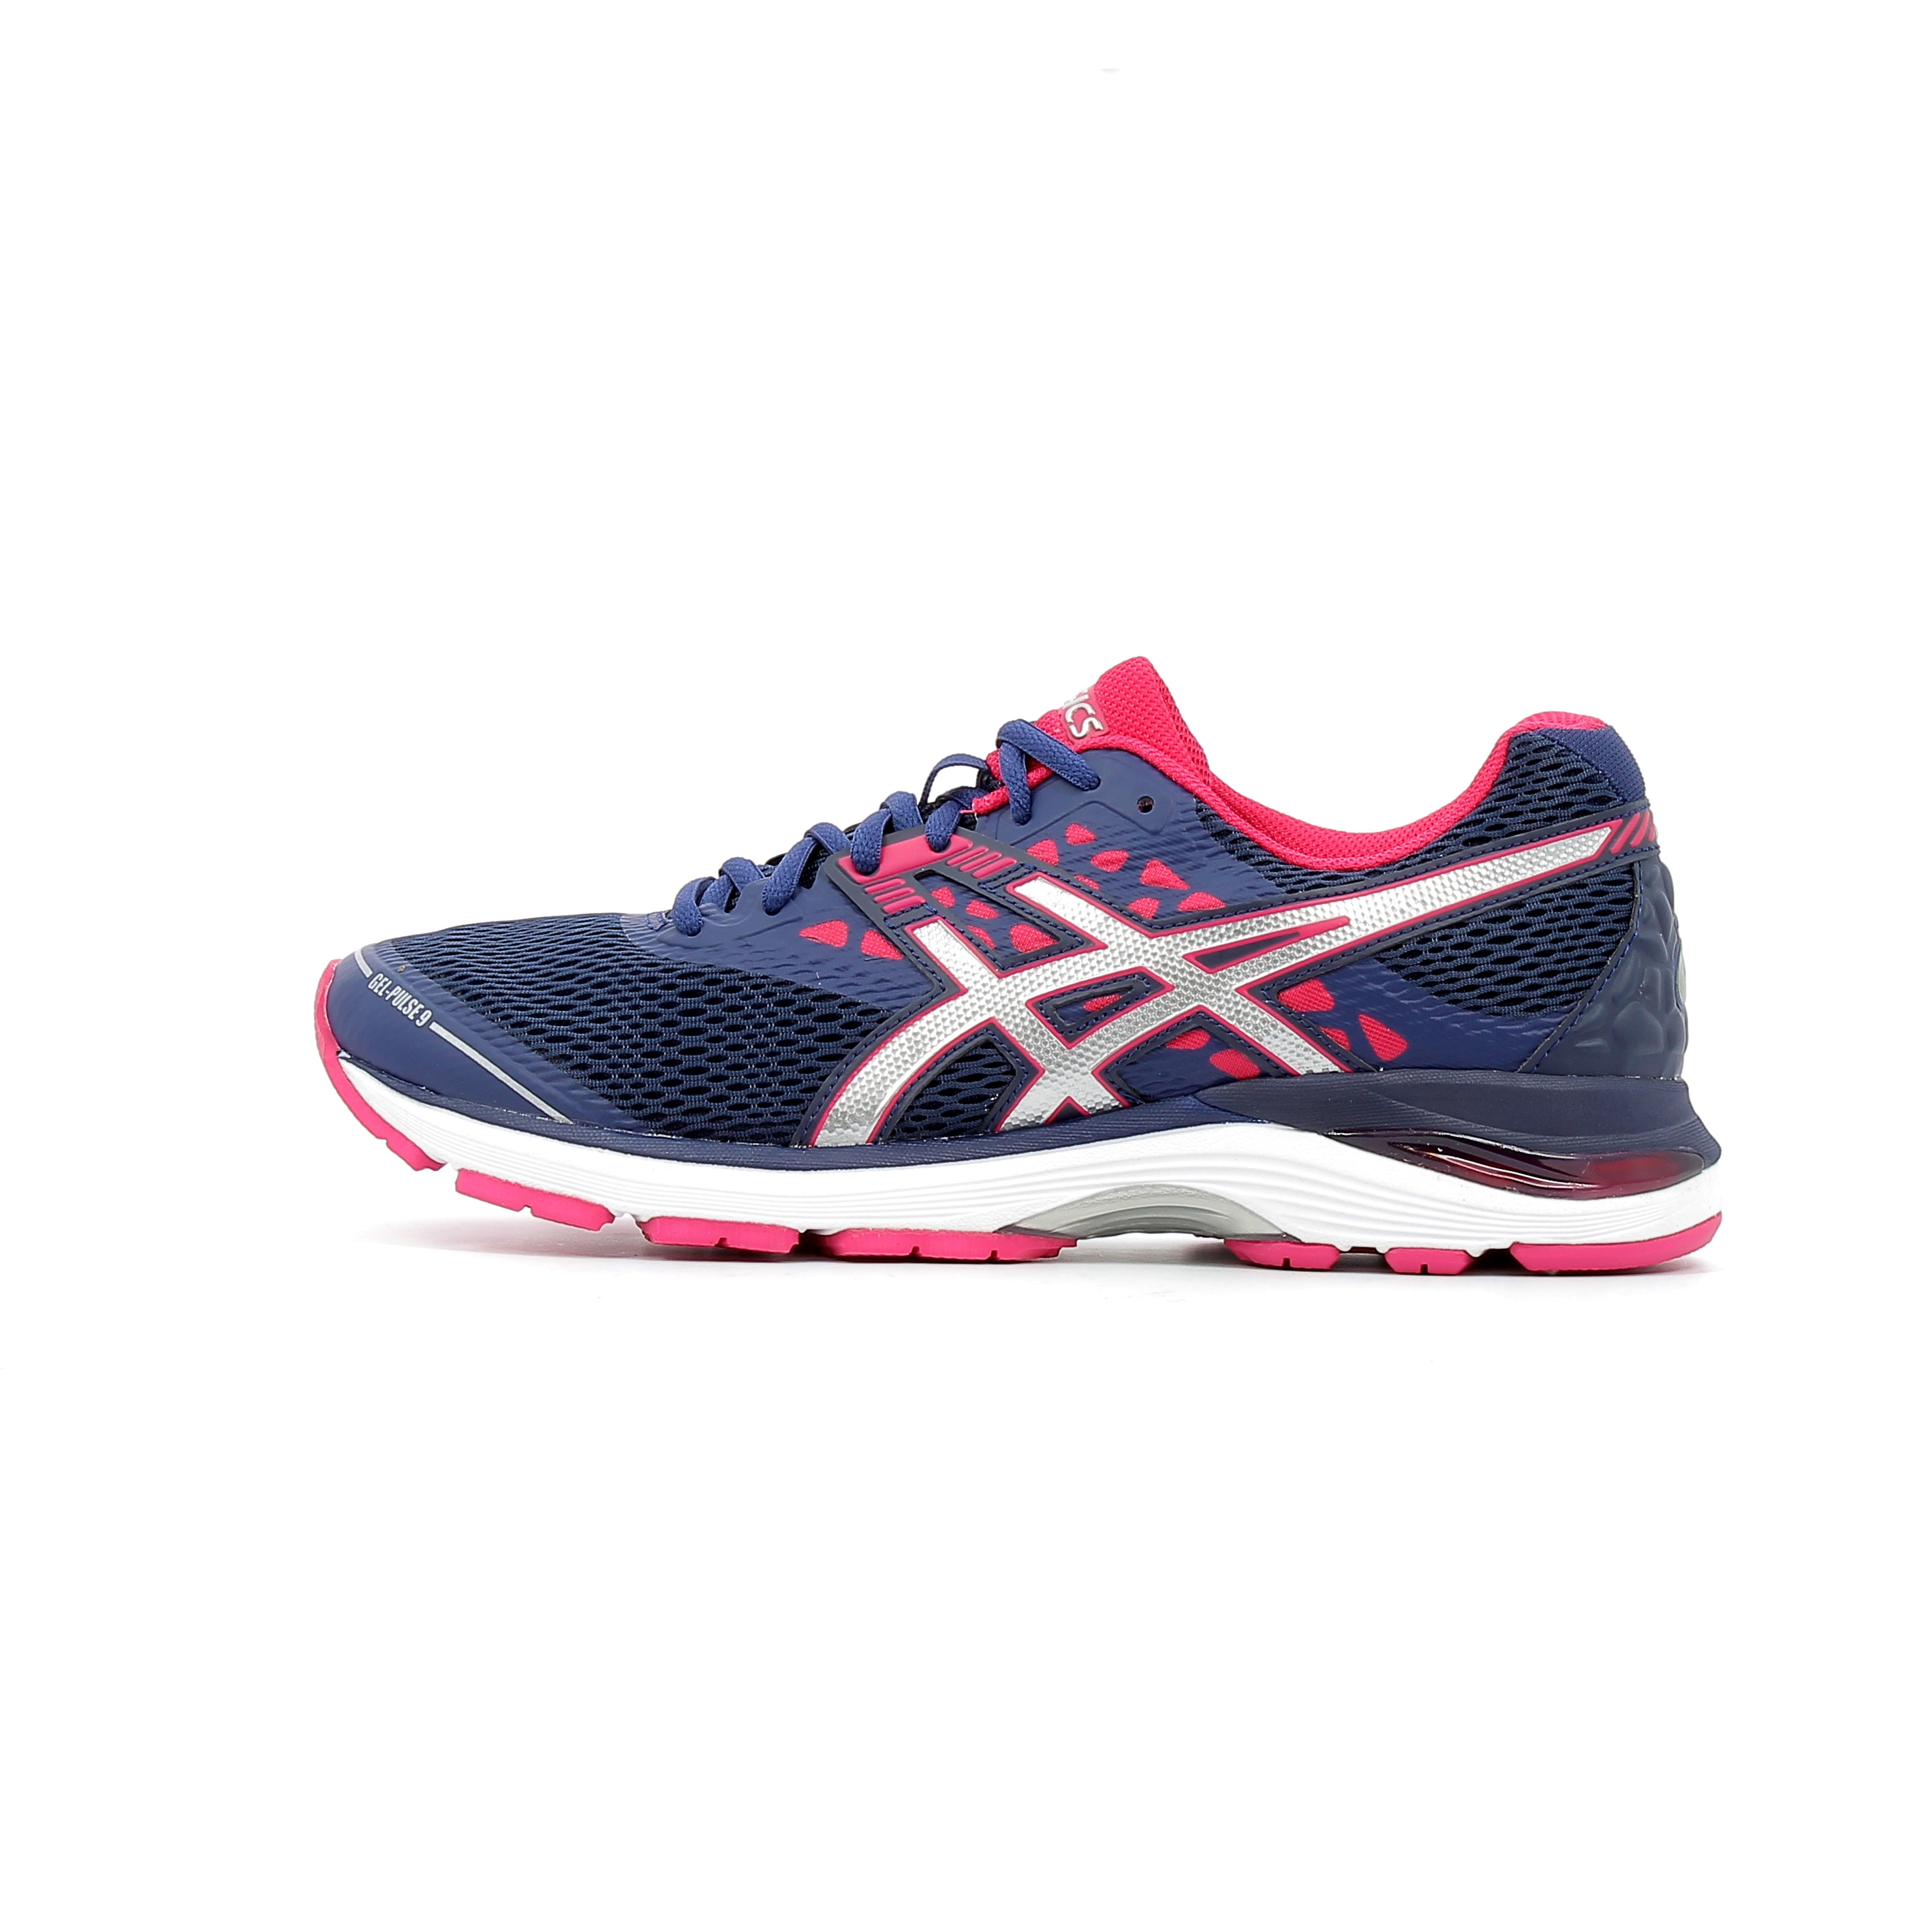 Chaussures de Running Femme Asics Gel Pulse 9 Bleu  c7df64f5388c8